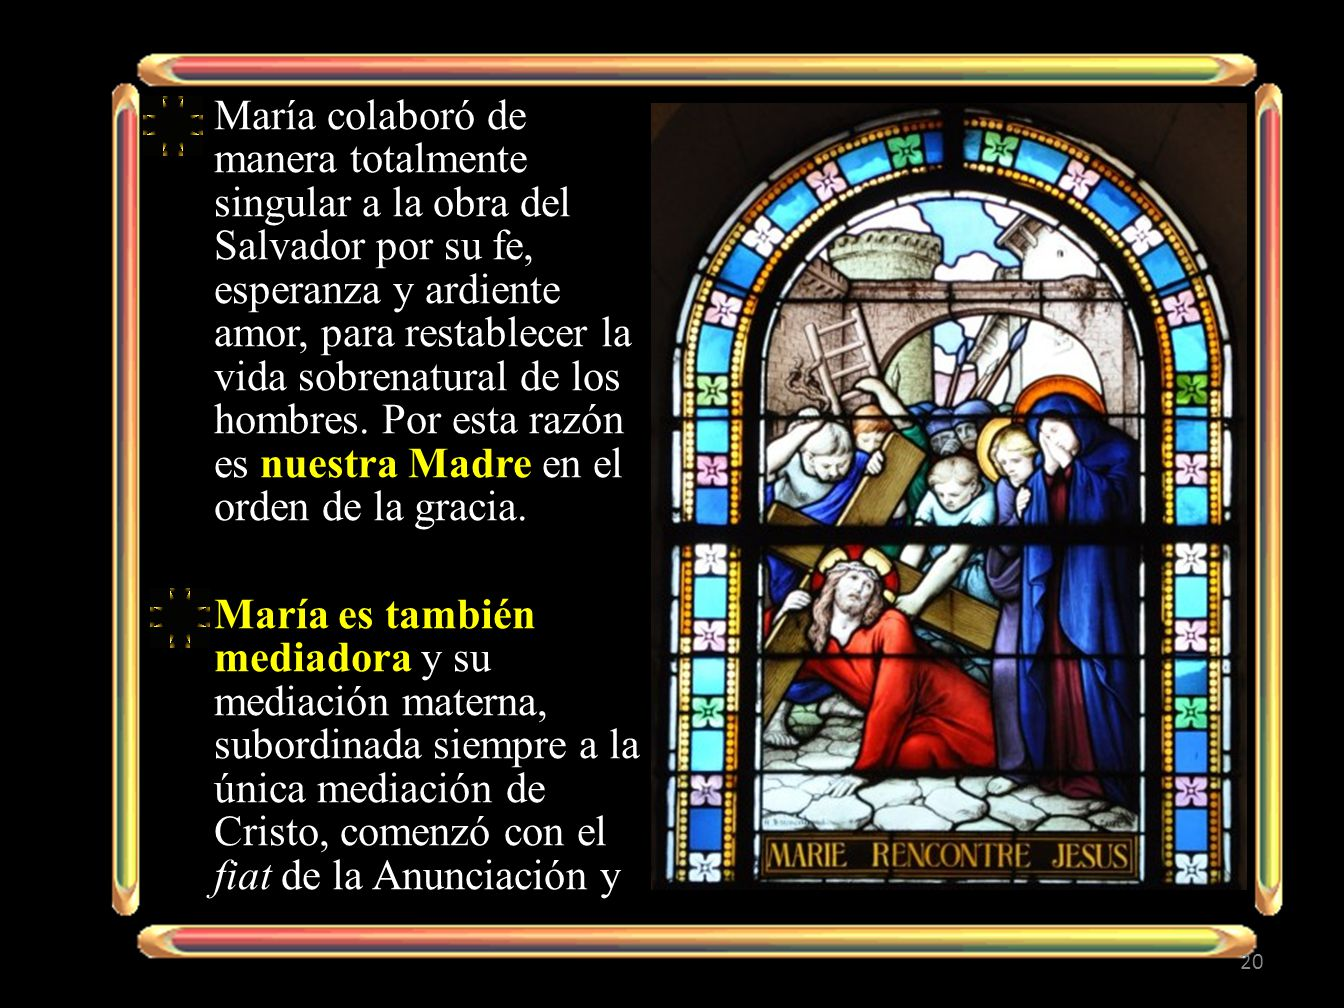 María colaboró de manera totalmente singular a la obra del Salvador por su fe, esperanza y ardiente amor, para restablecer la vida sobrenatural de los hombres. Por esta razón es nuestra Madre en el orden de la gracia.